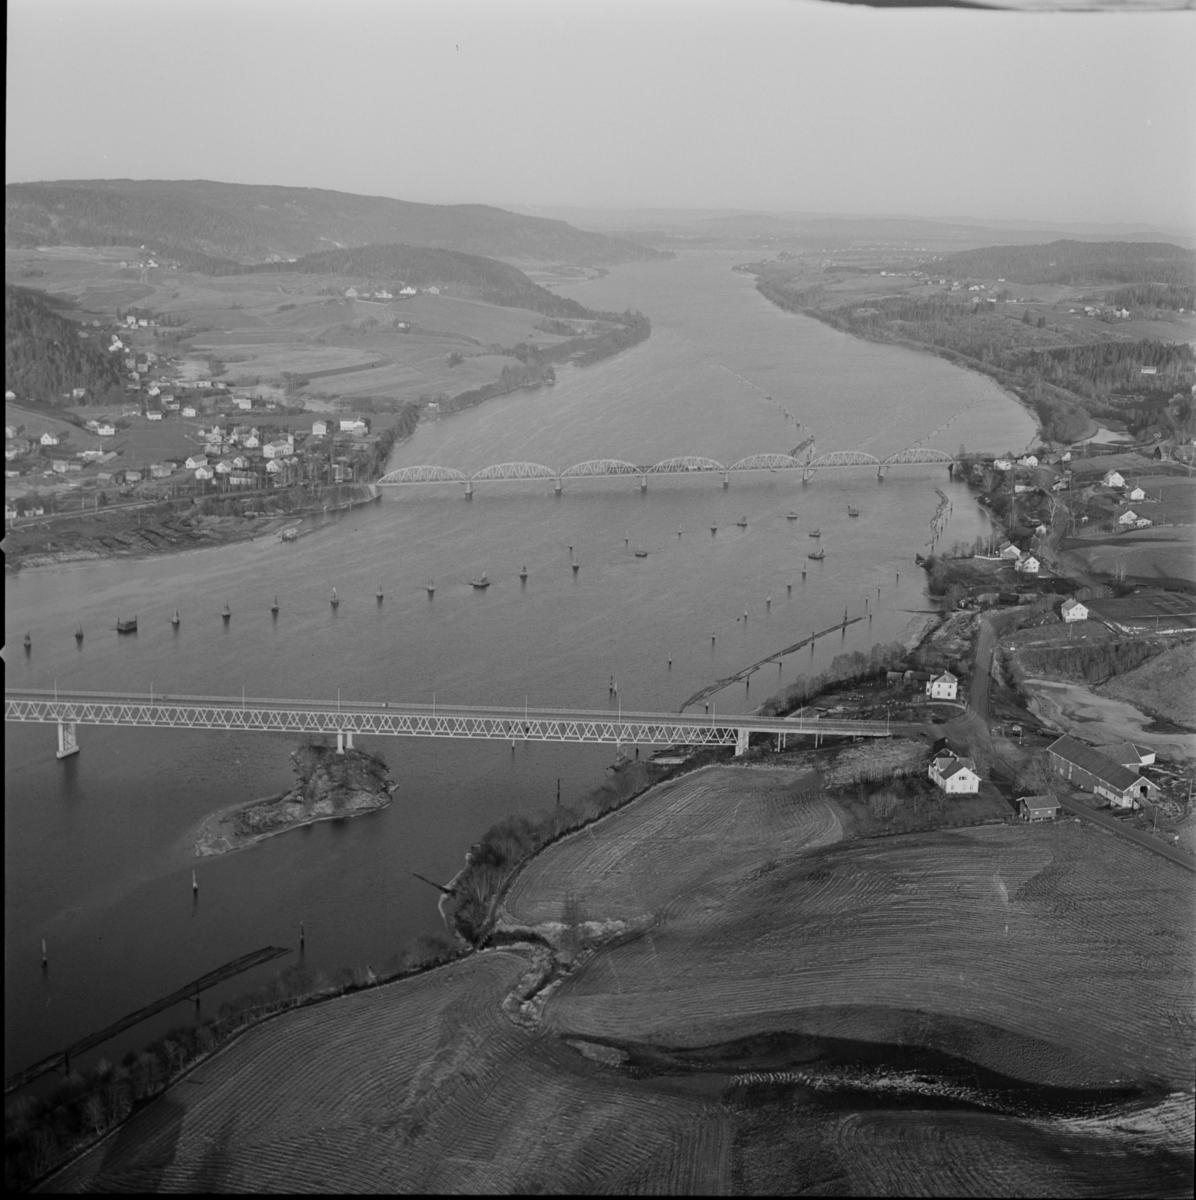 Flyfoto over Fetsund. Fetsundbrua og tømmer langs elvebredden